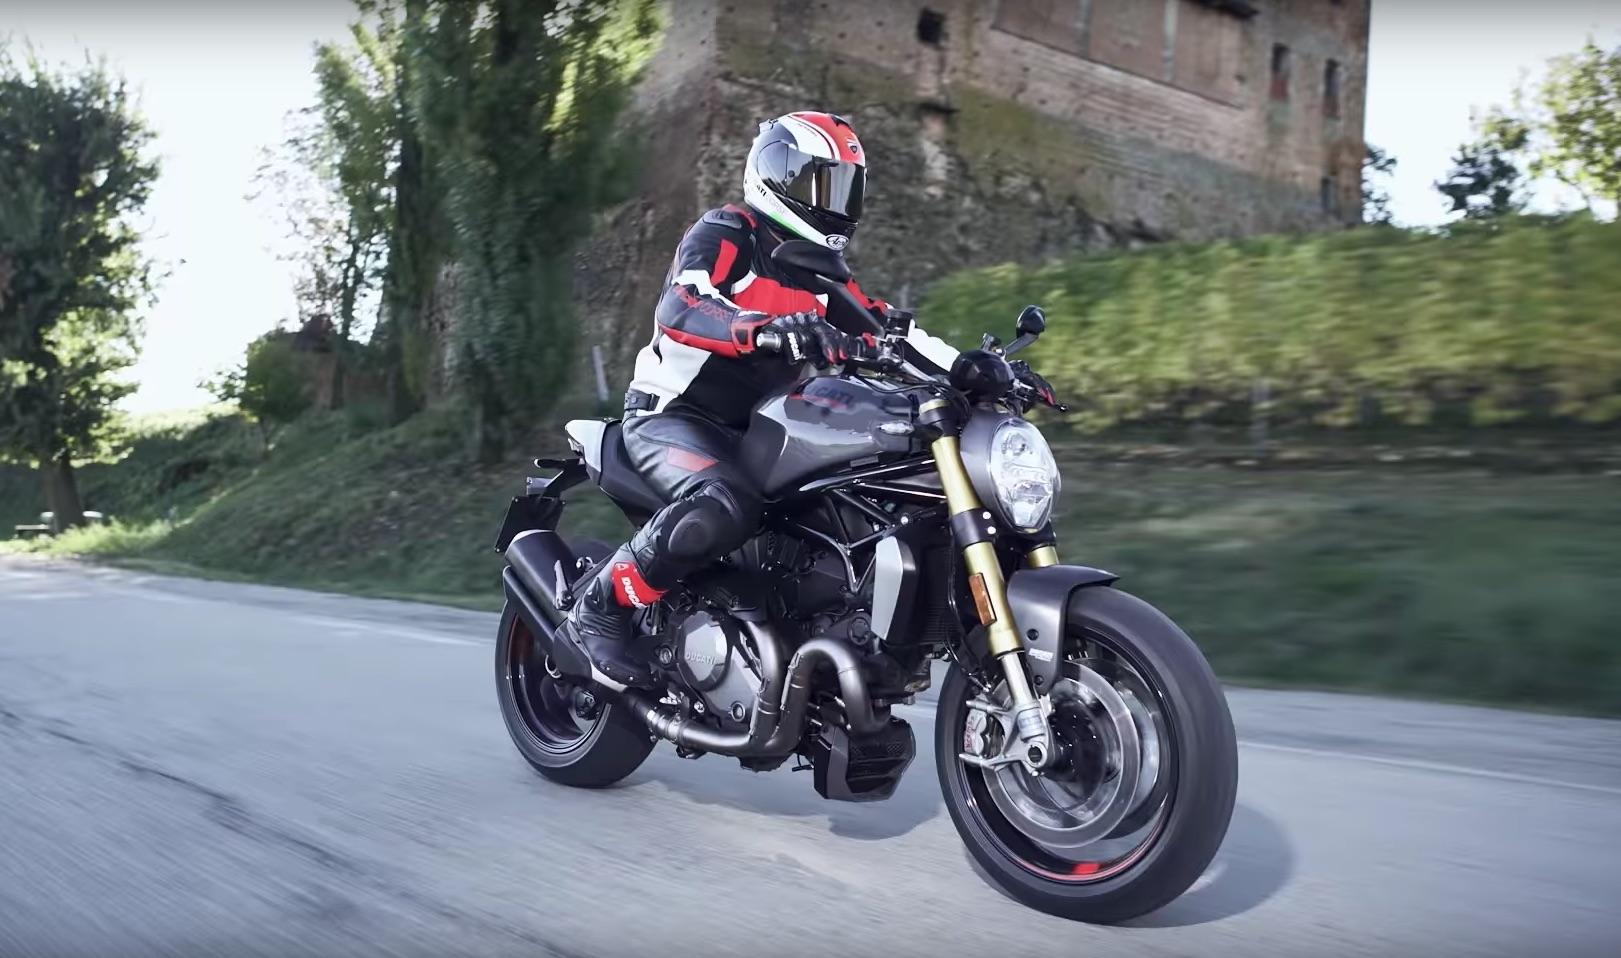 Ducati Monster 1200/S 2017